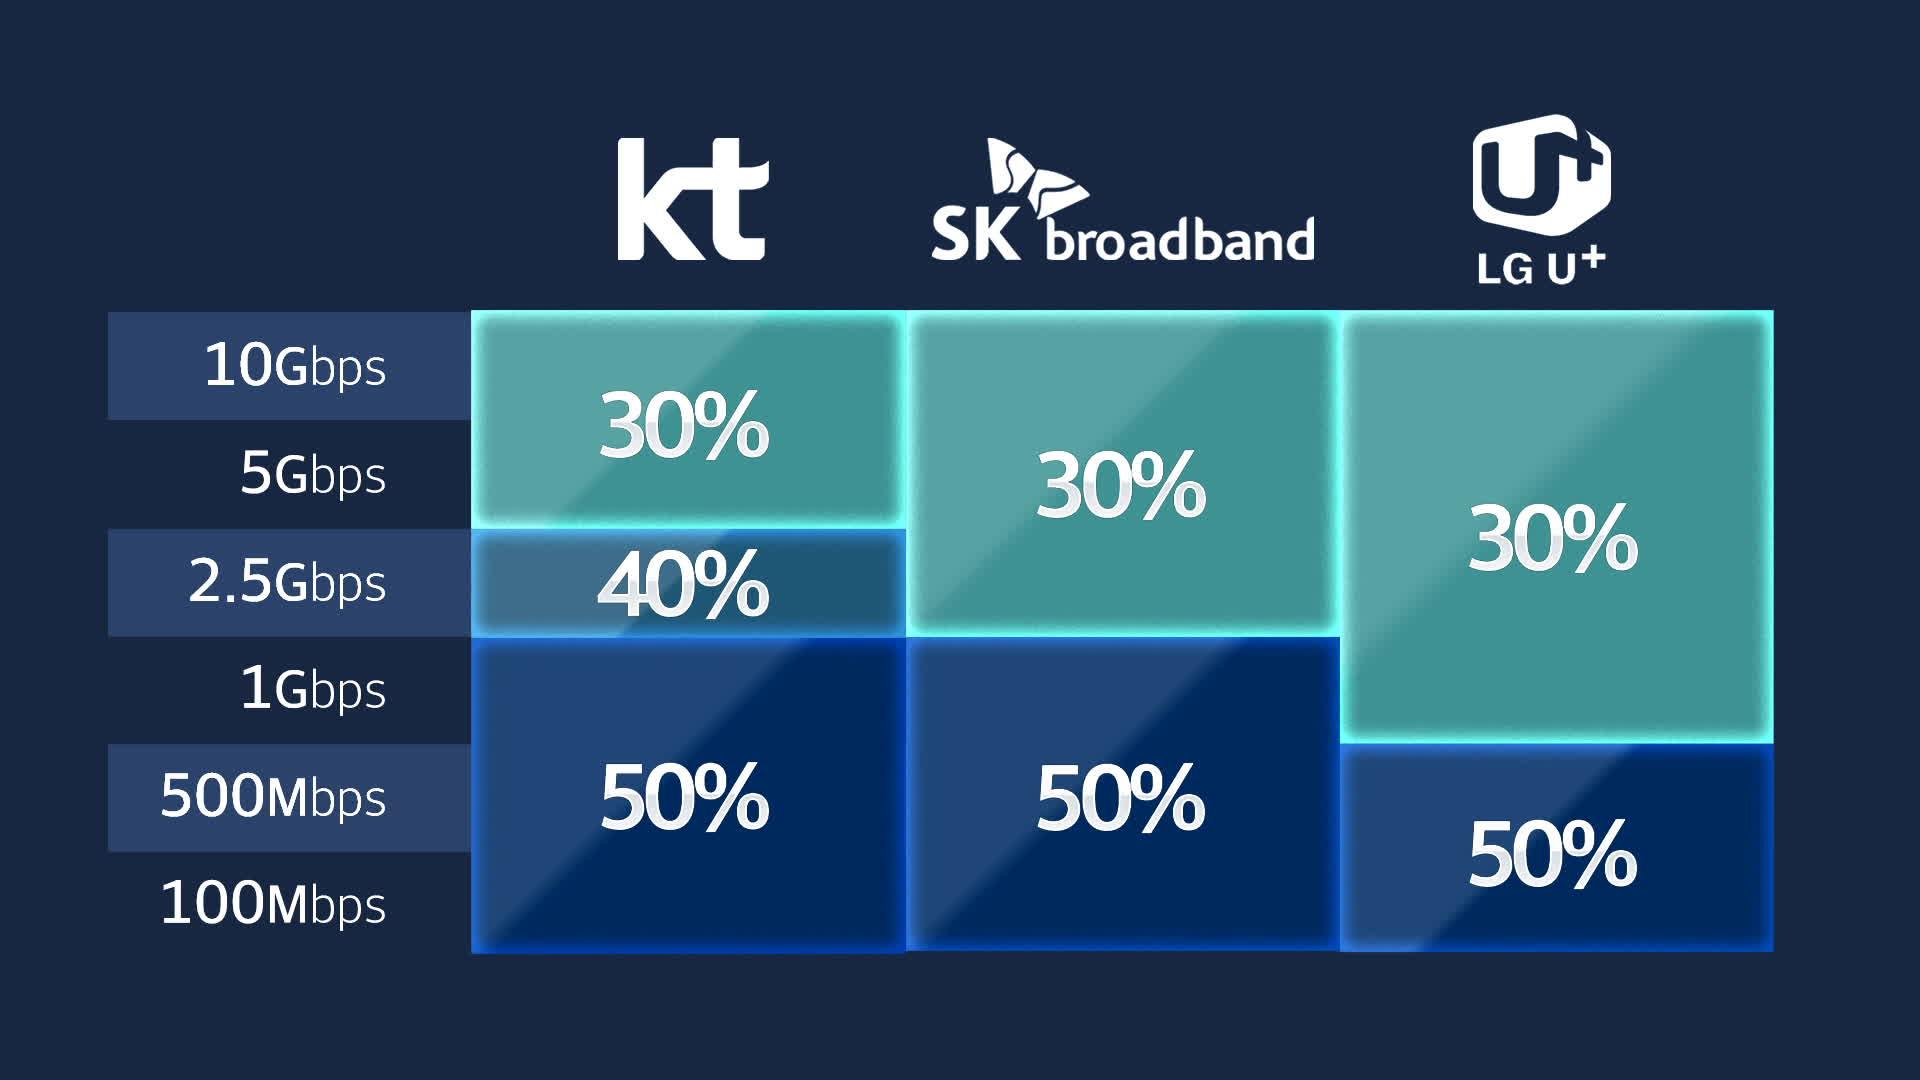 통신 3사가 운영 중인 최저보장속도 (출처: 각 사업자 제출자료)